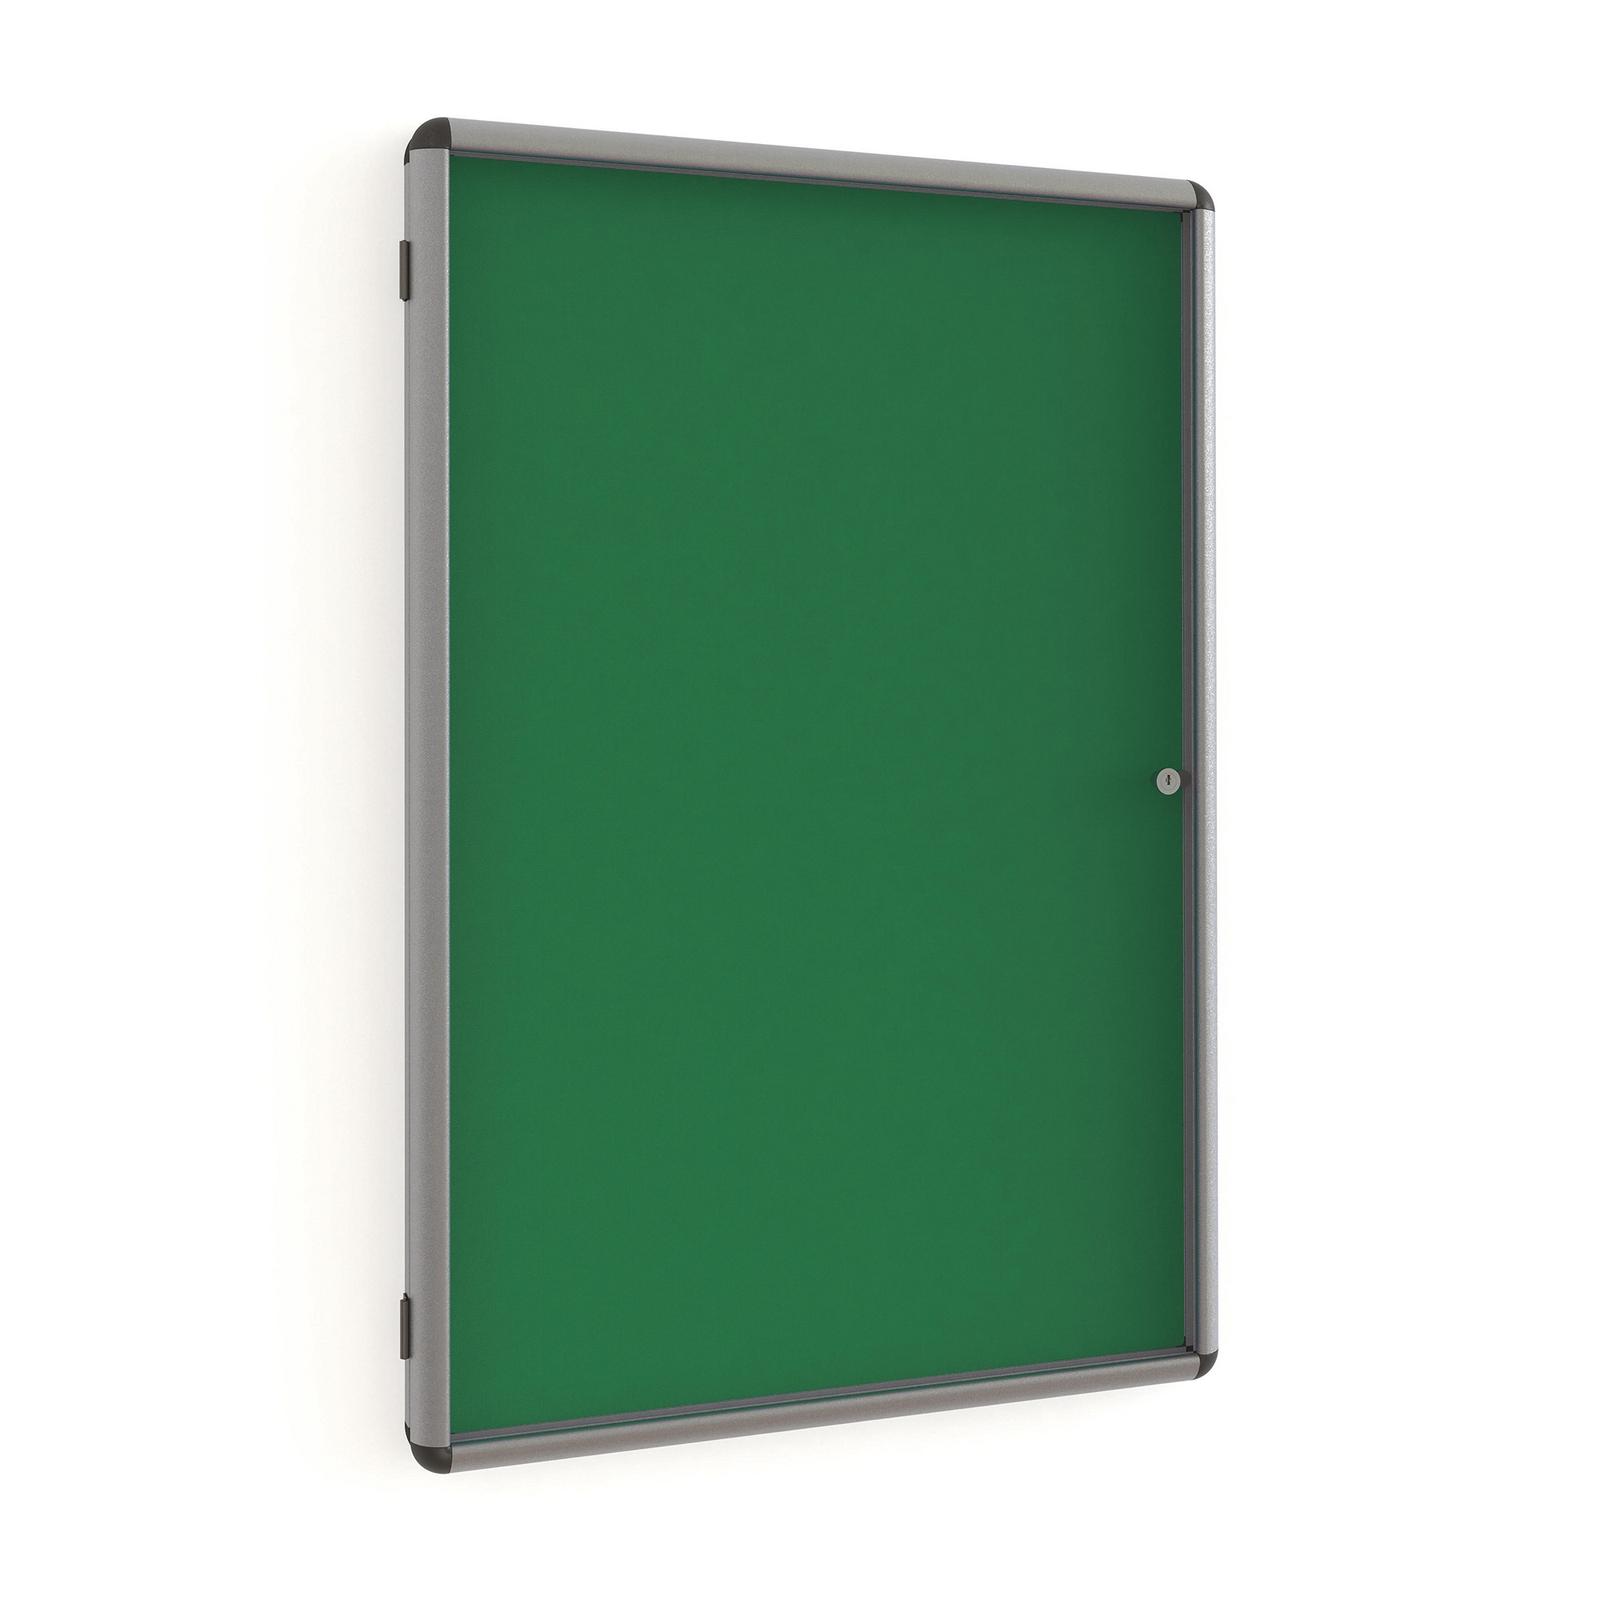 SmartShield Lockable Noticeboard